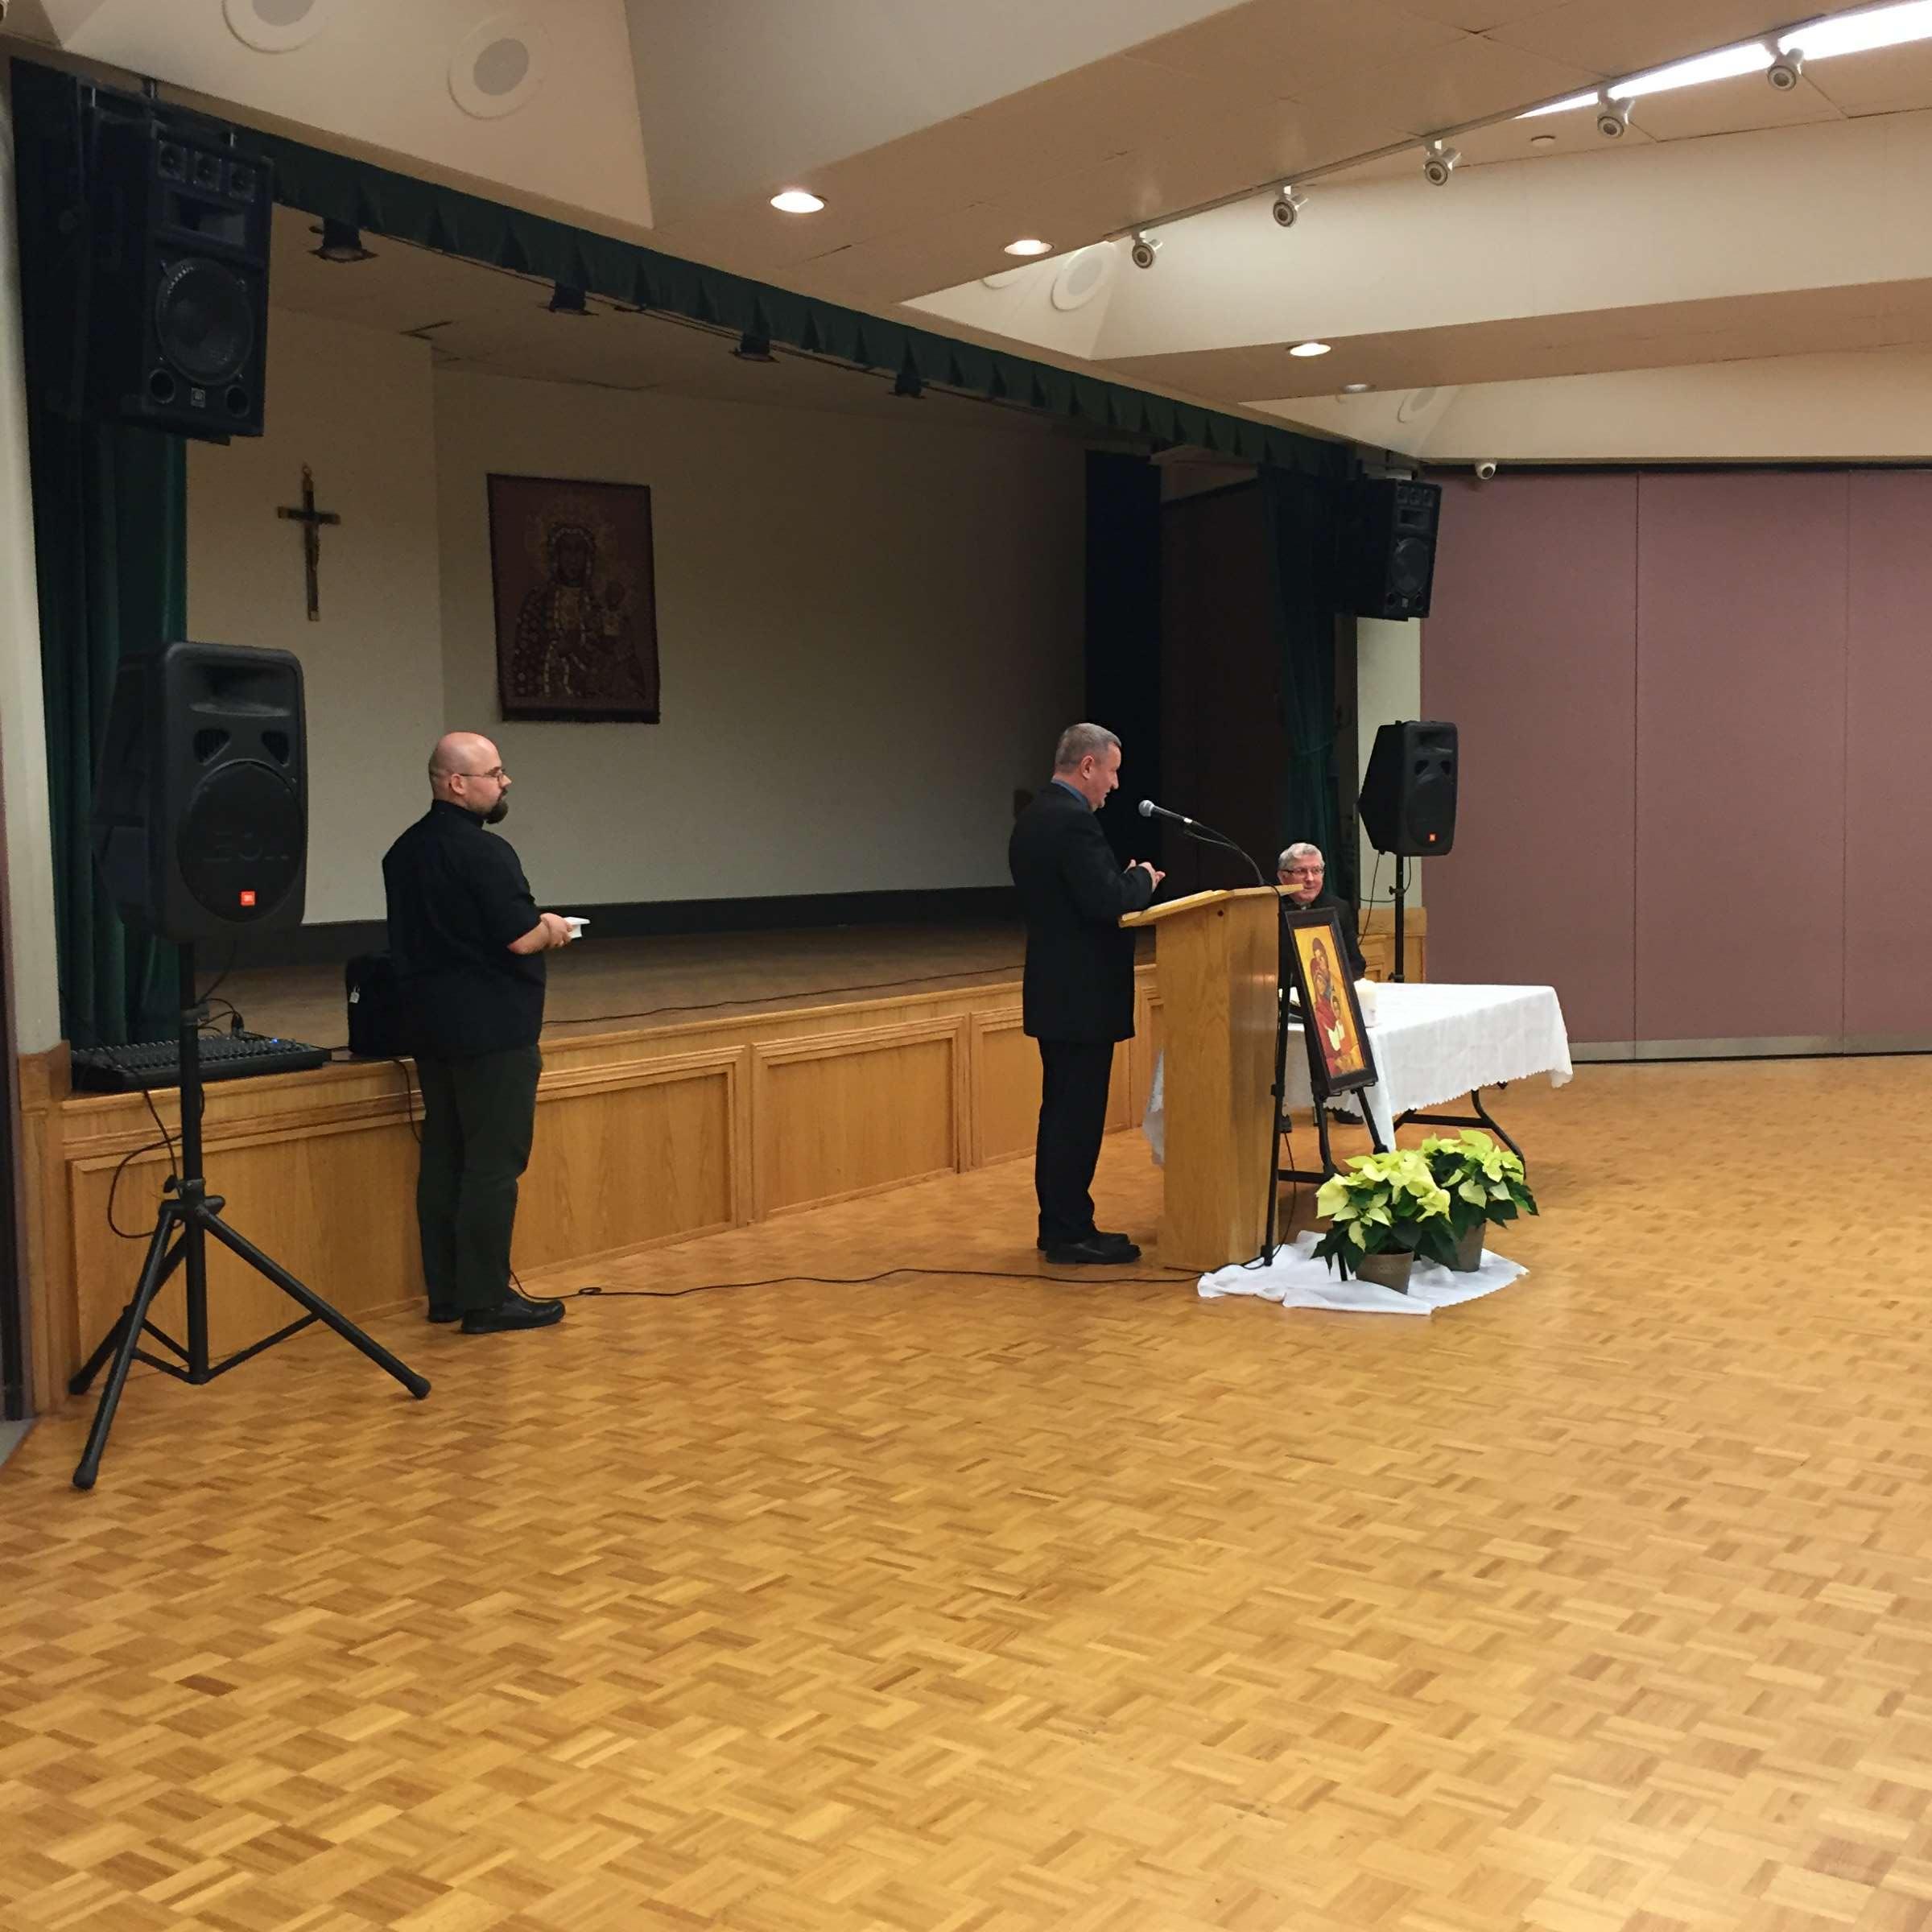 2016.11.27_01  -Spotkanie z Kardynalem Collinsem w Mississauga